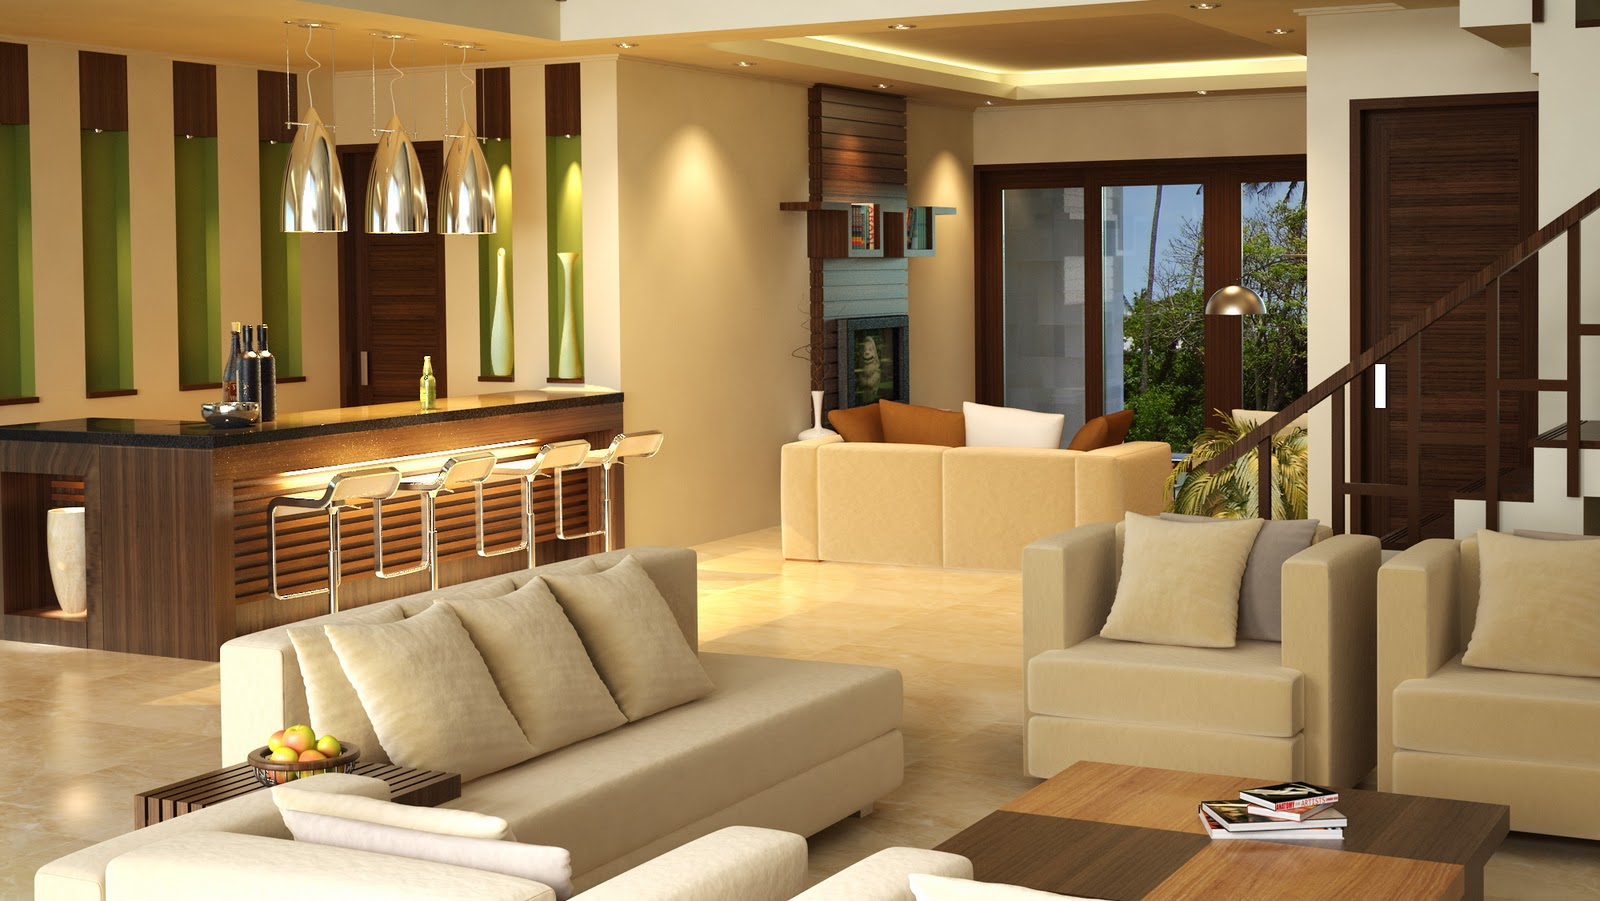 Referensi 67 Video Desain Interior Rumah Minimalis Detikcom Info